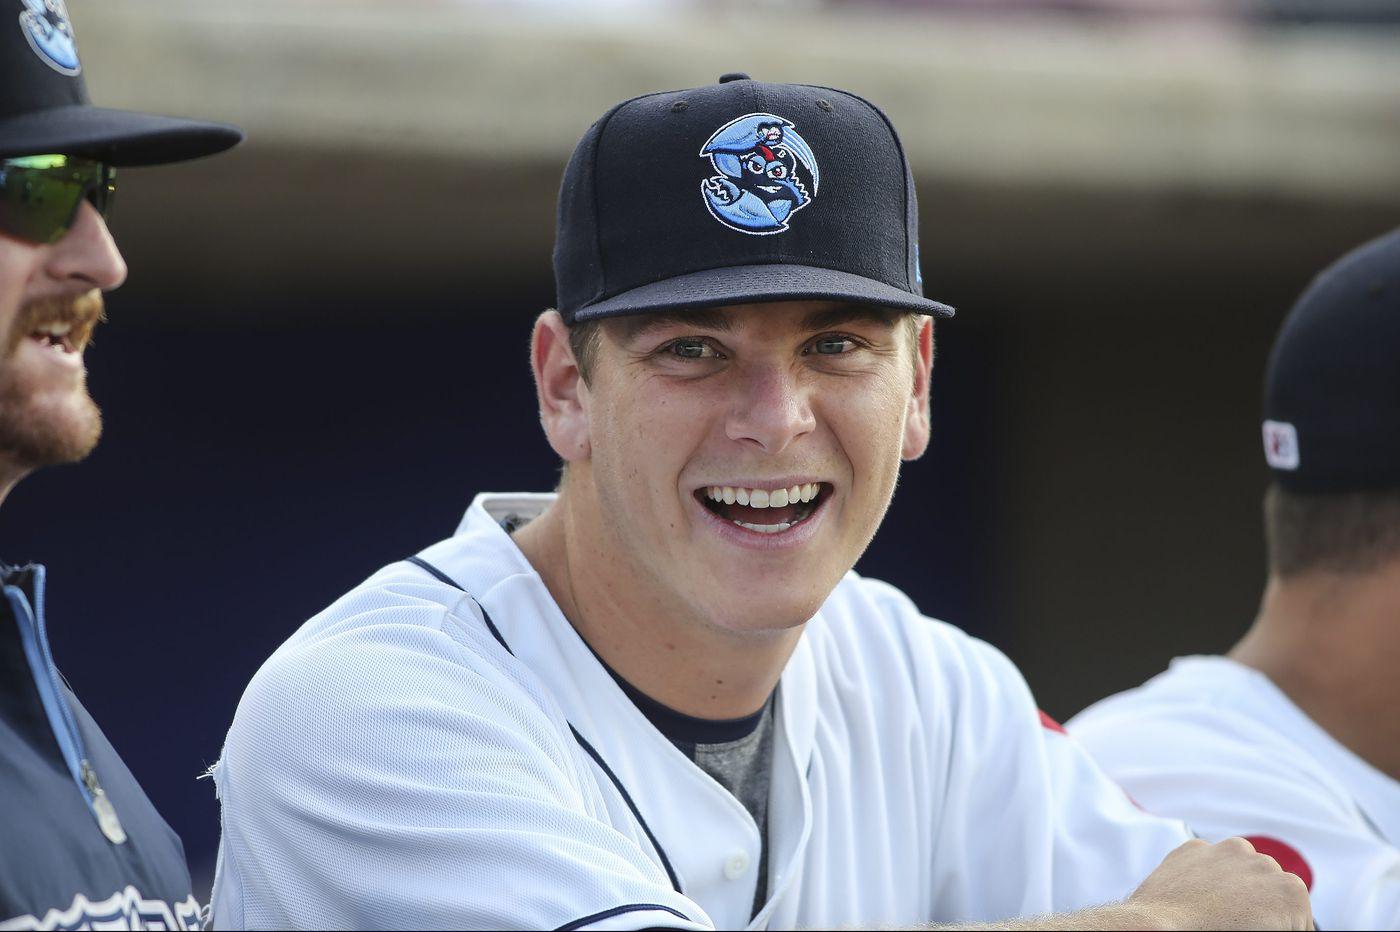 Phillies' top 25 minor-league prospects: Spencer Howard, Alec Bohm lead list